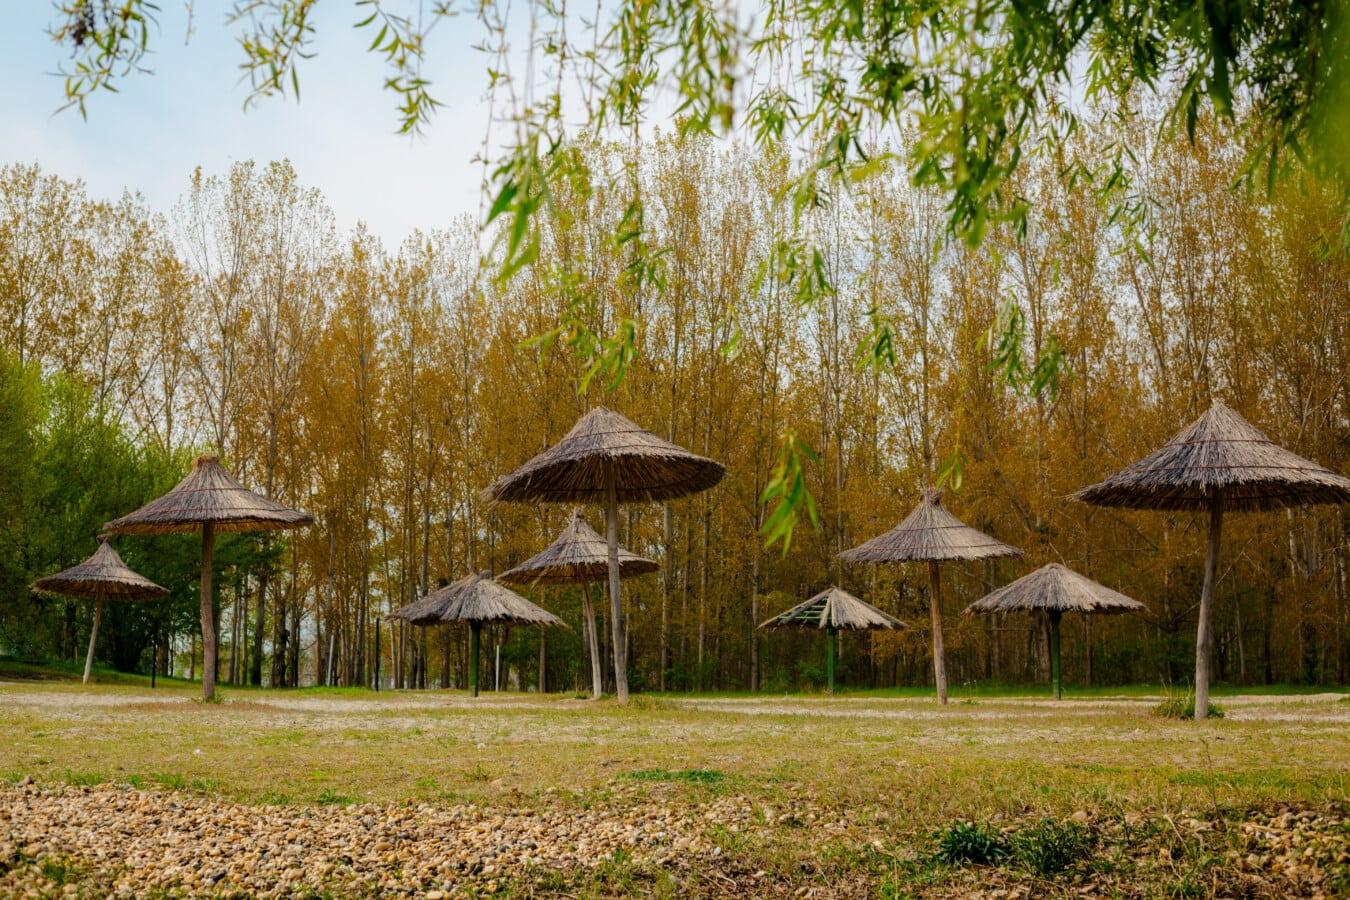 ammophiles, plage, zone de villégiature, tropical, parasol, arbre, bois, nature, feuille, été